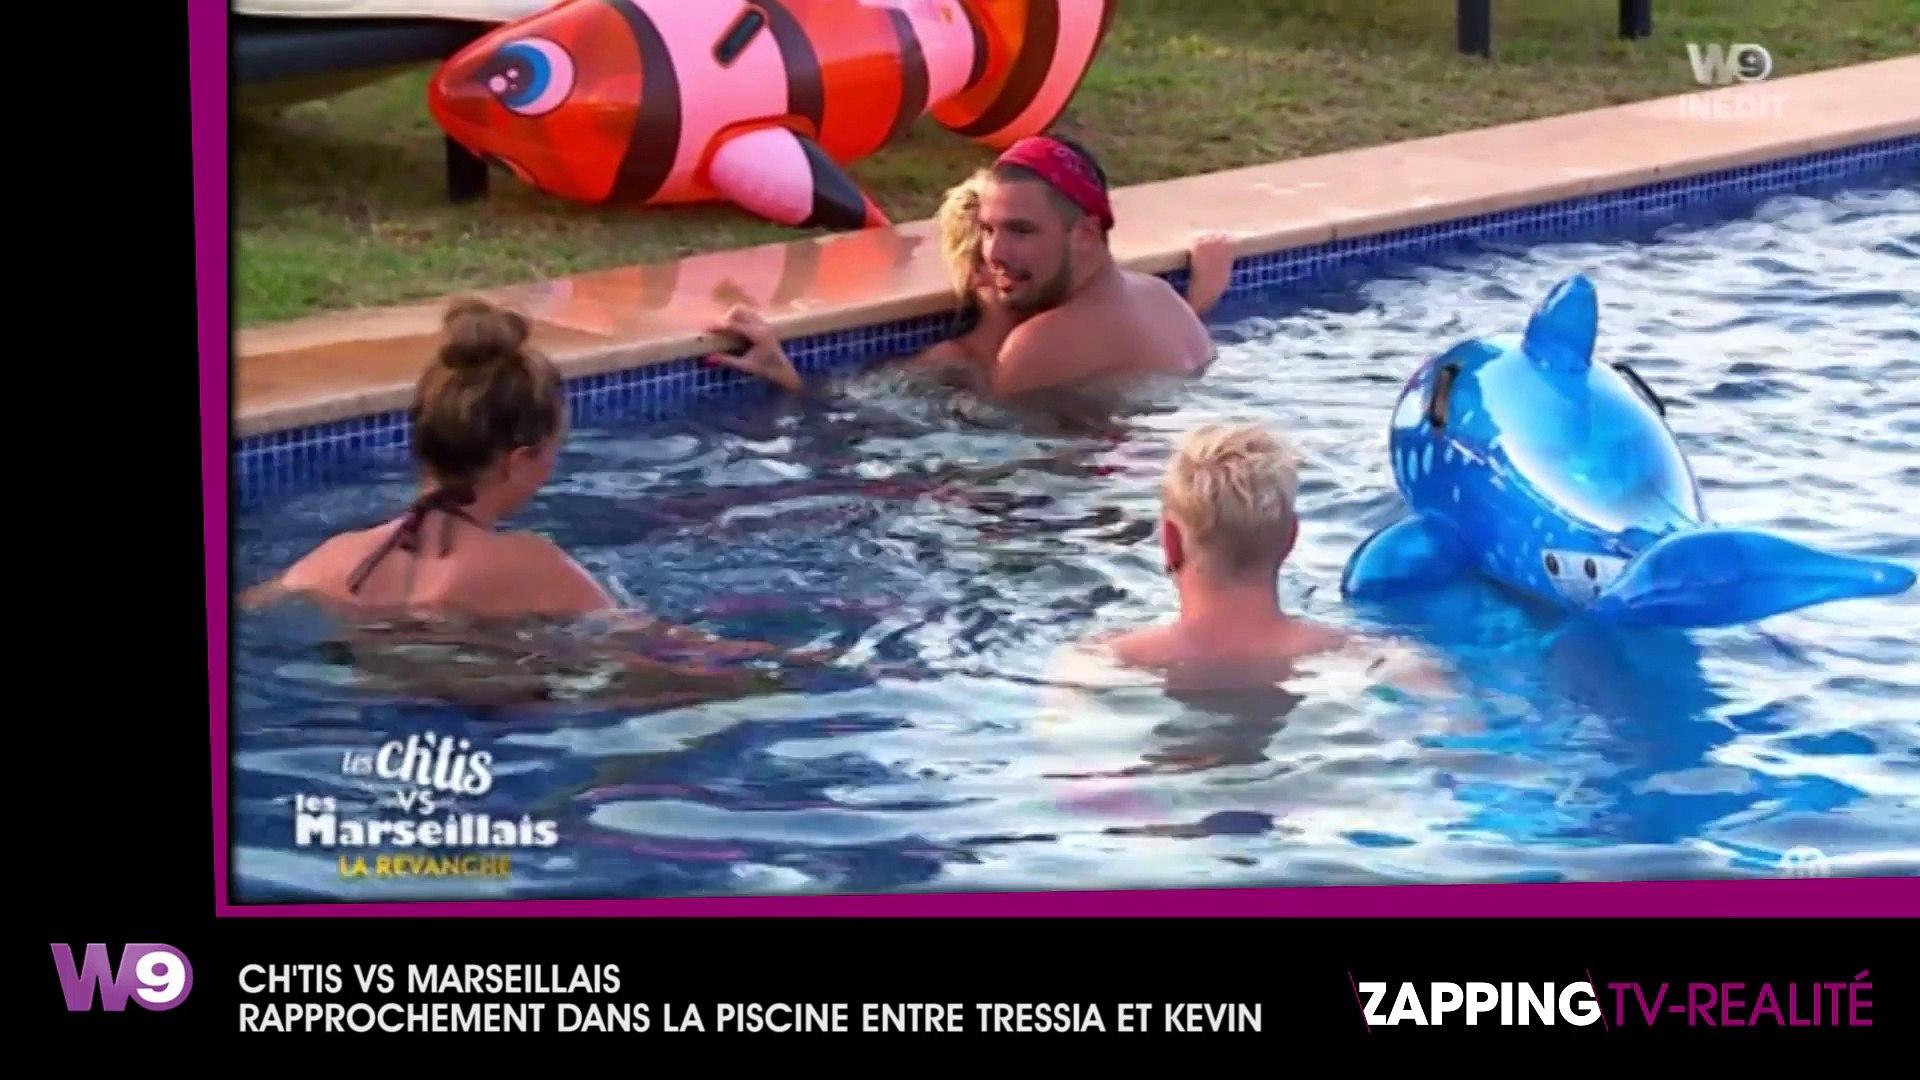 Gaelle Chti Nue les ch'tis vs les marseillais : kevin et tressia se rapprochent dans la piscine